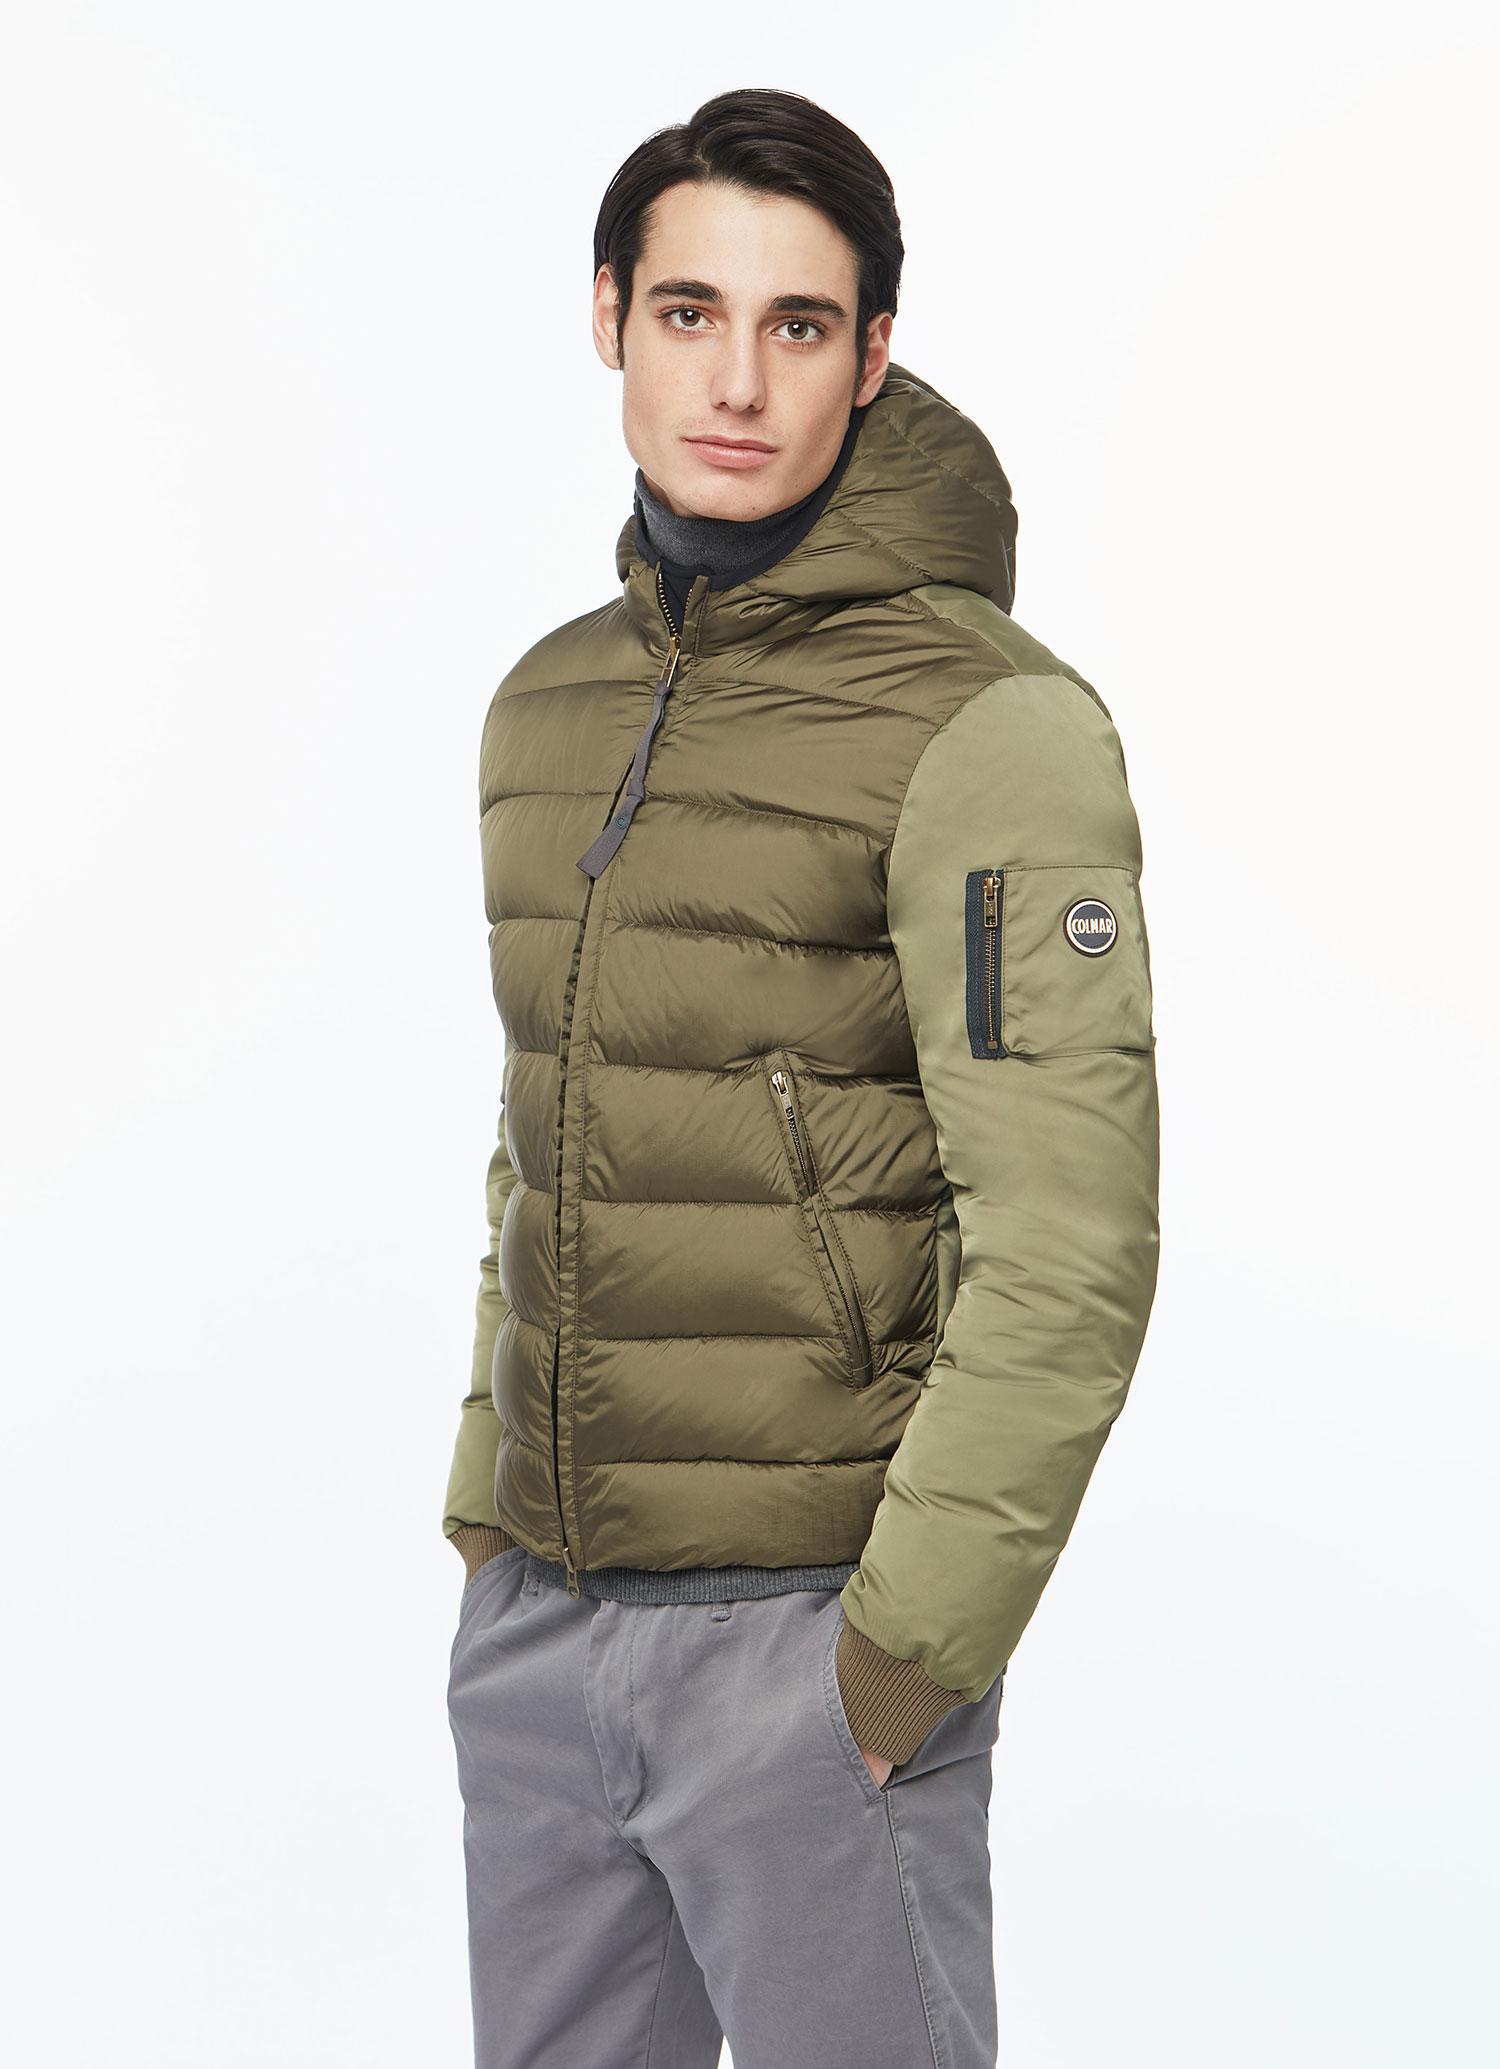 sale retailer 87bd3 c6cf7 Piumini Colmar Originals inverno 2017: avanguardia e ...